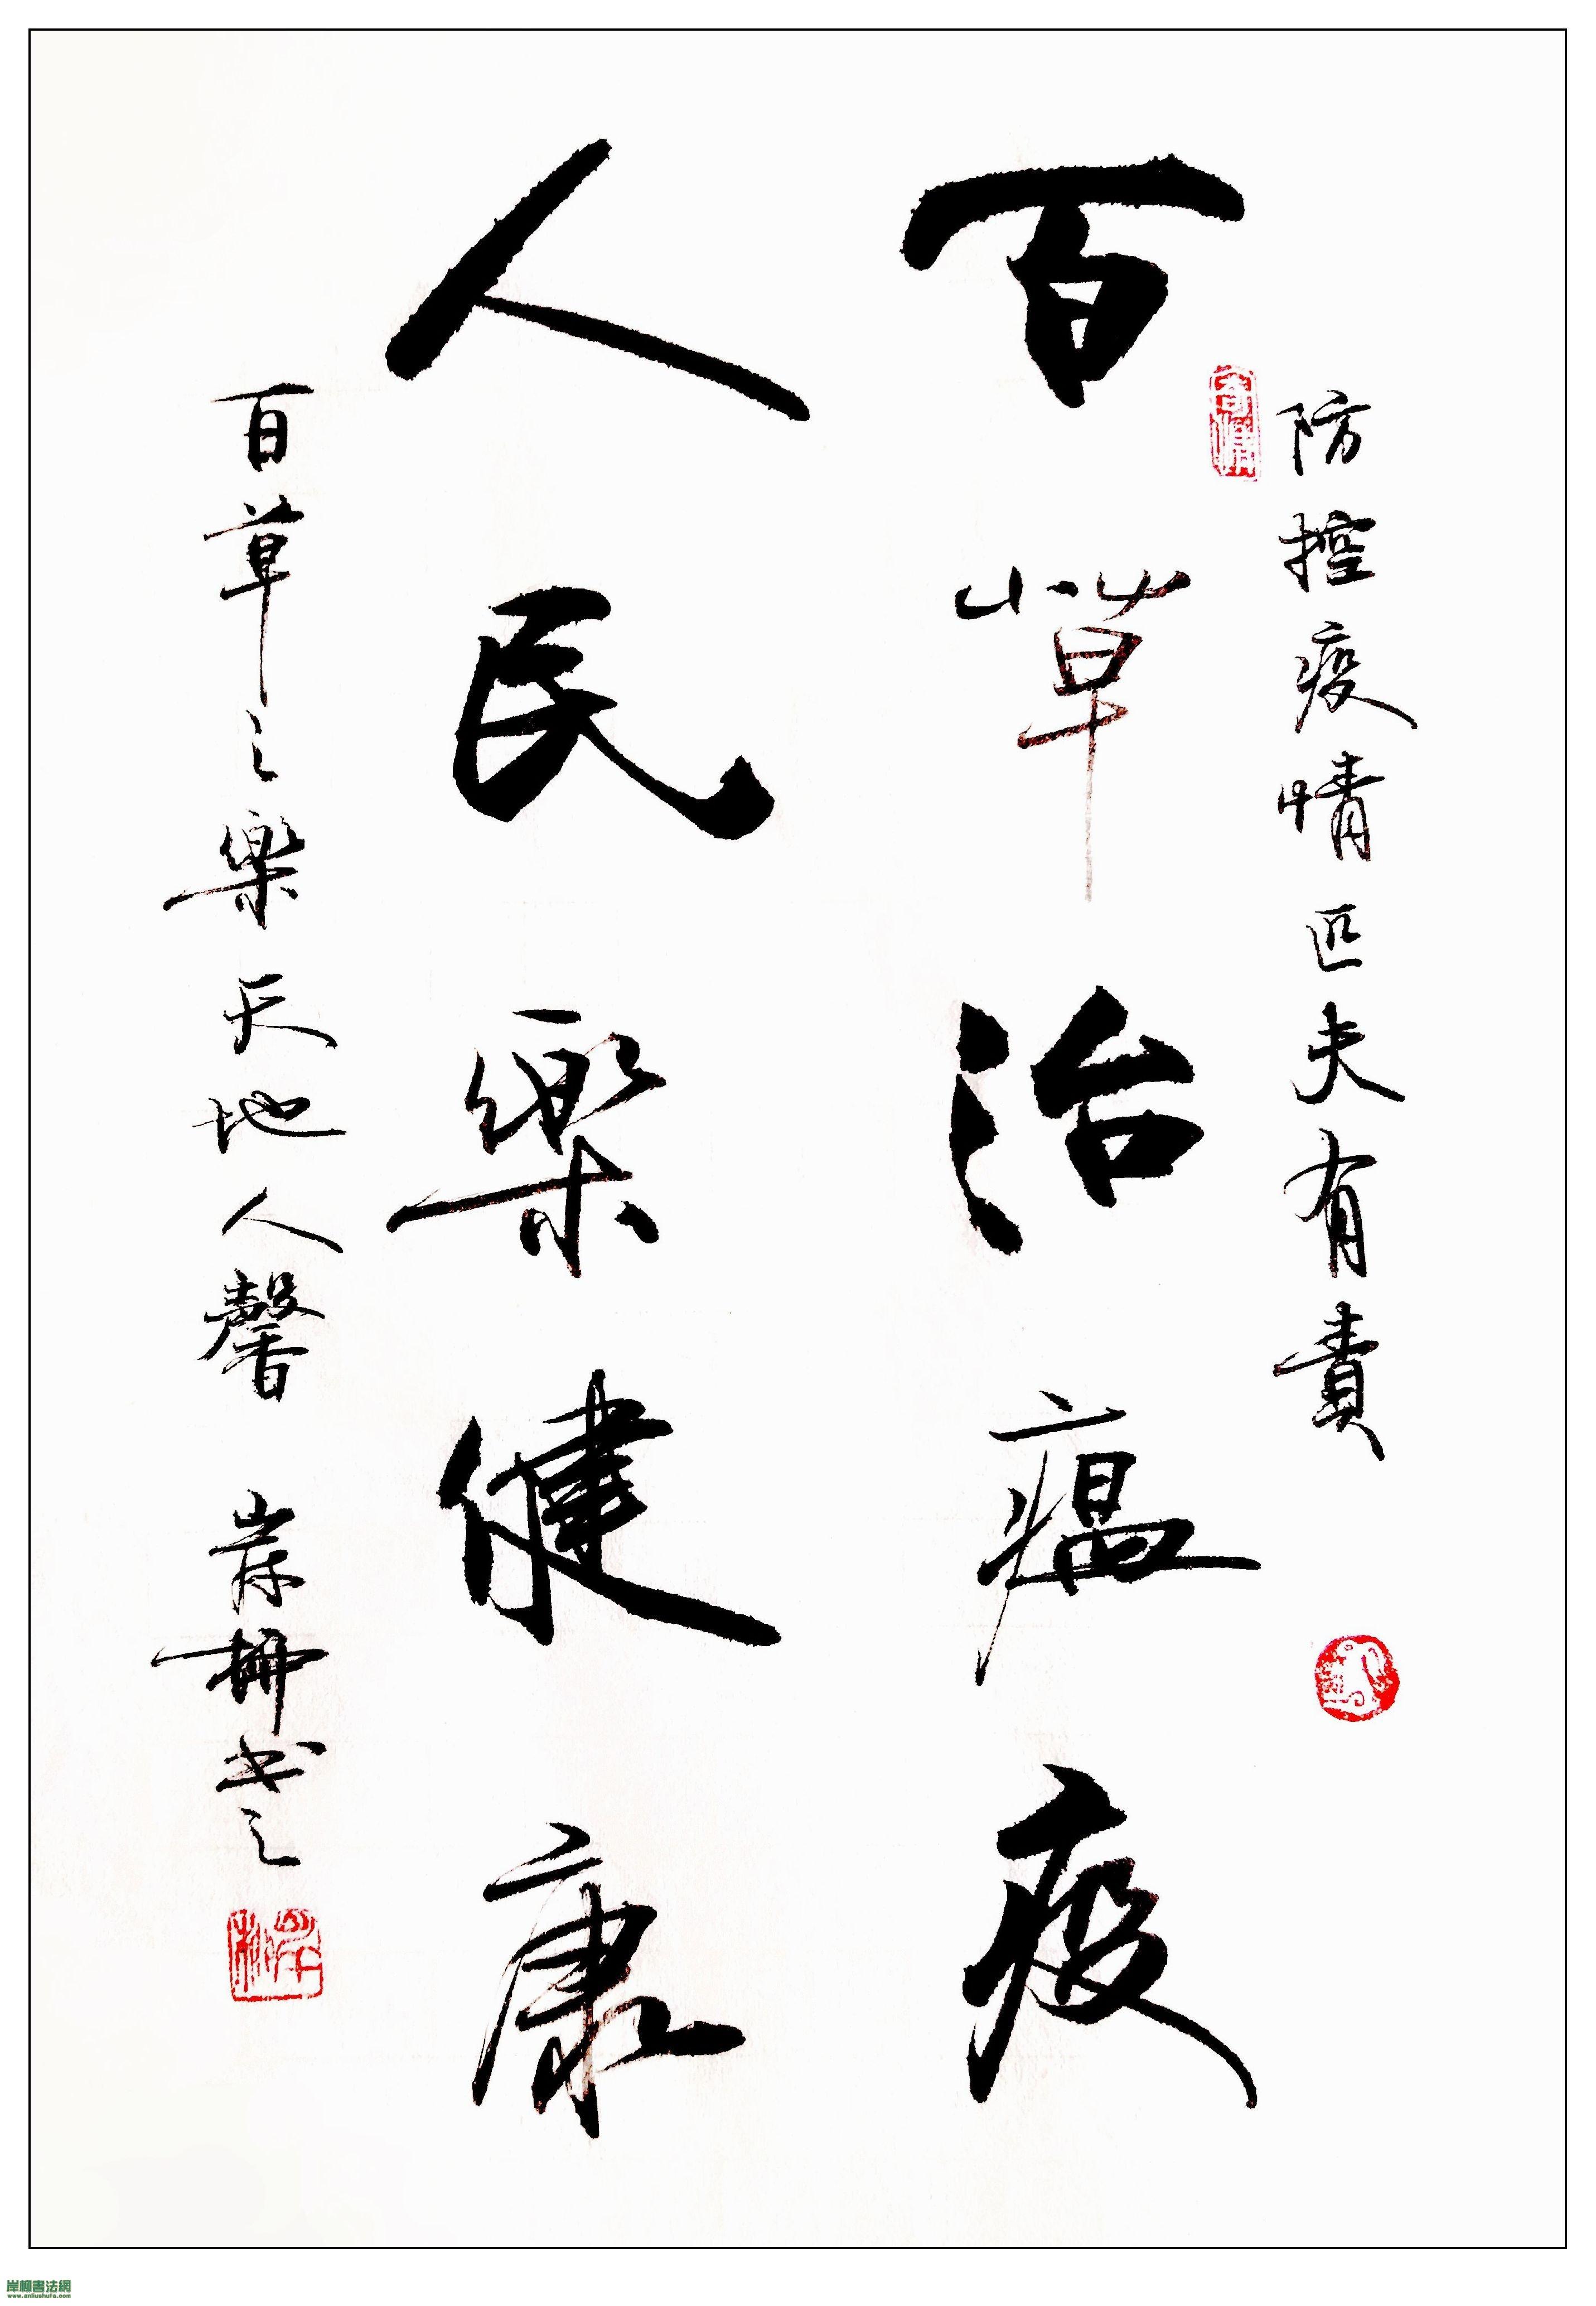 【2020年防控疫情】岸柳书法作品